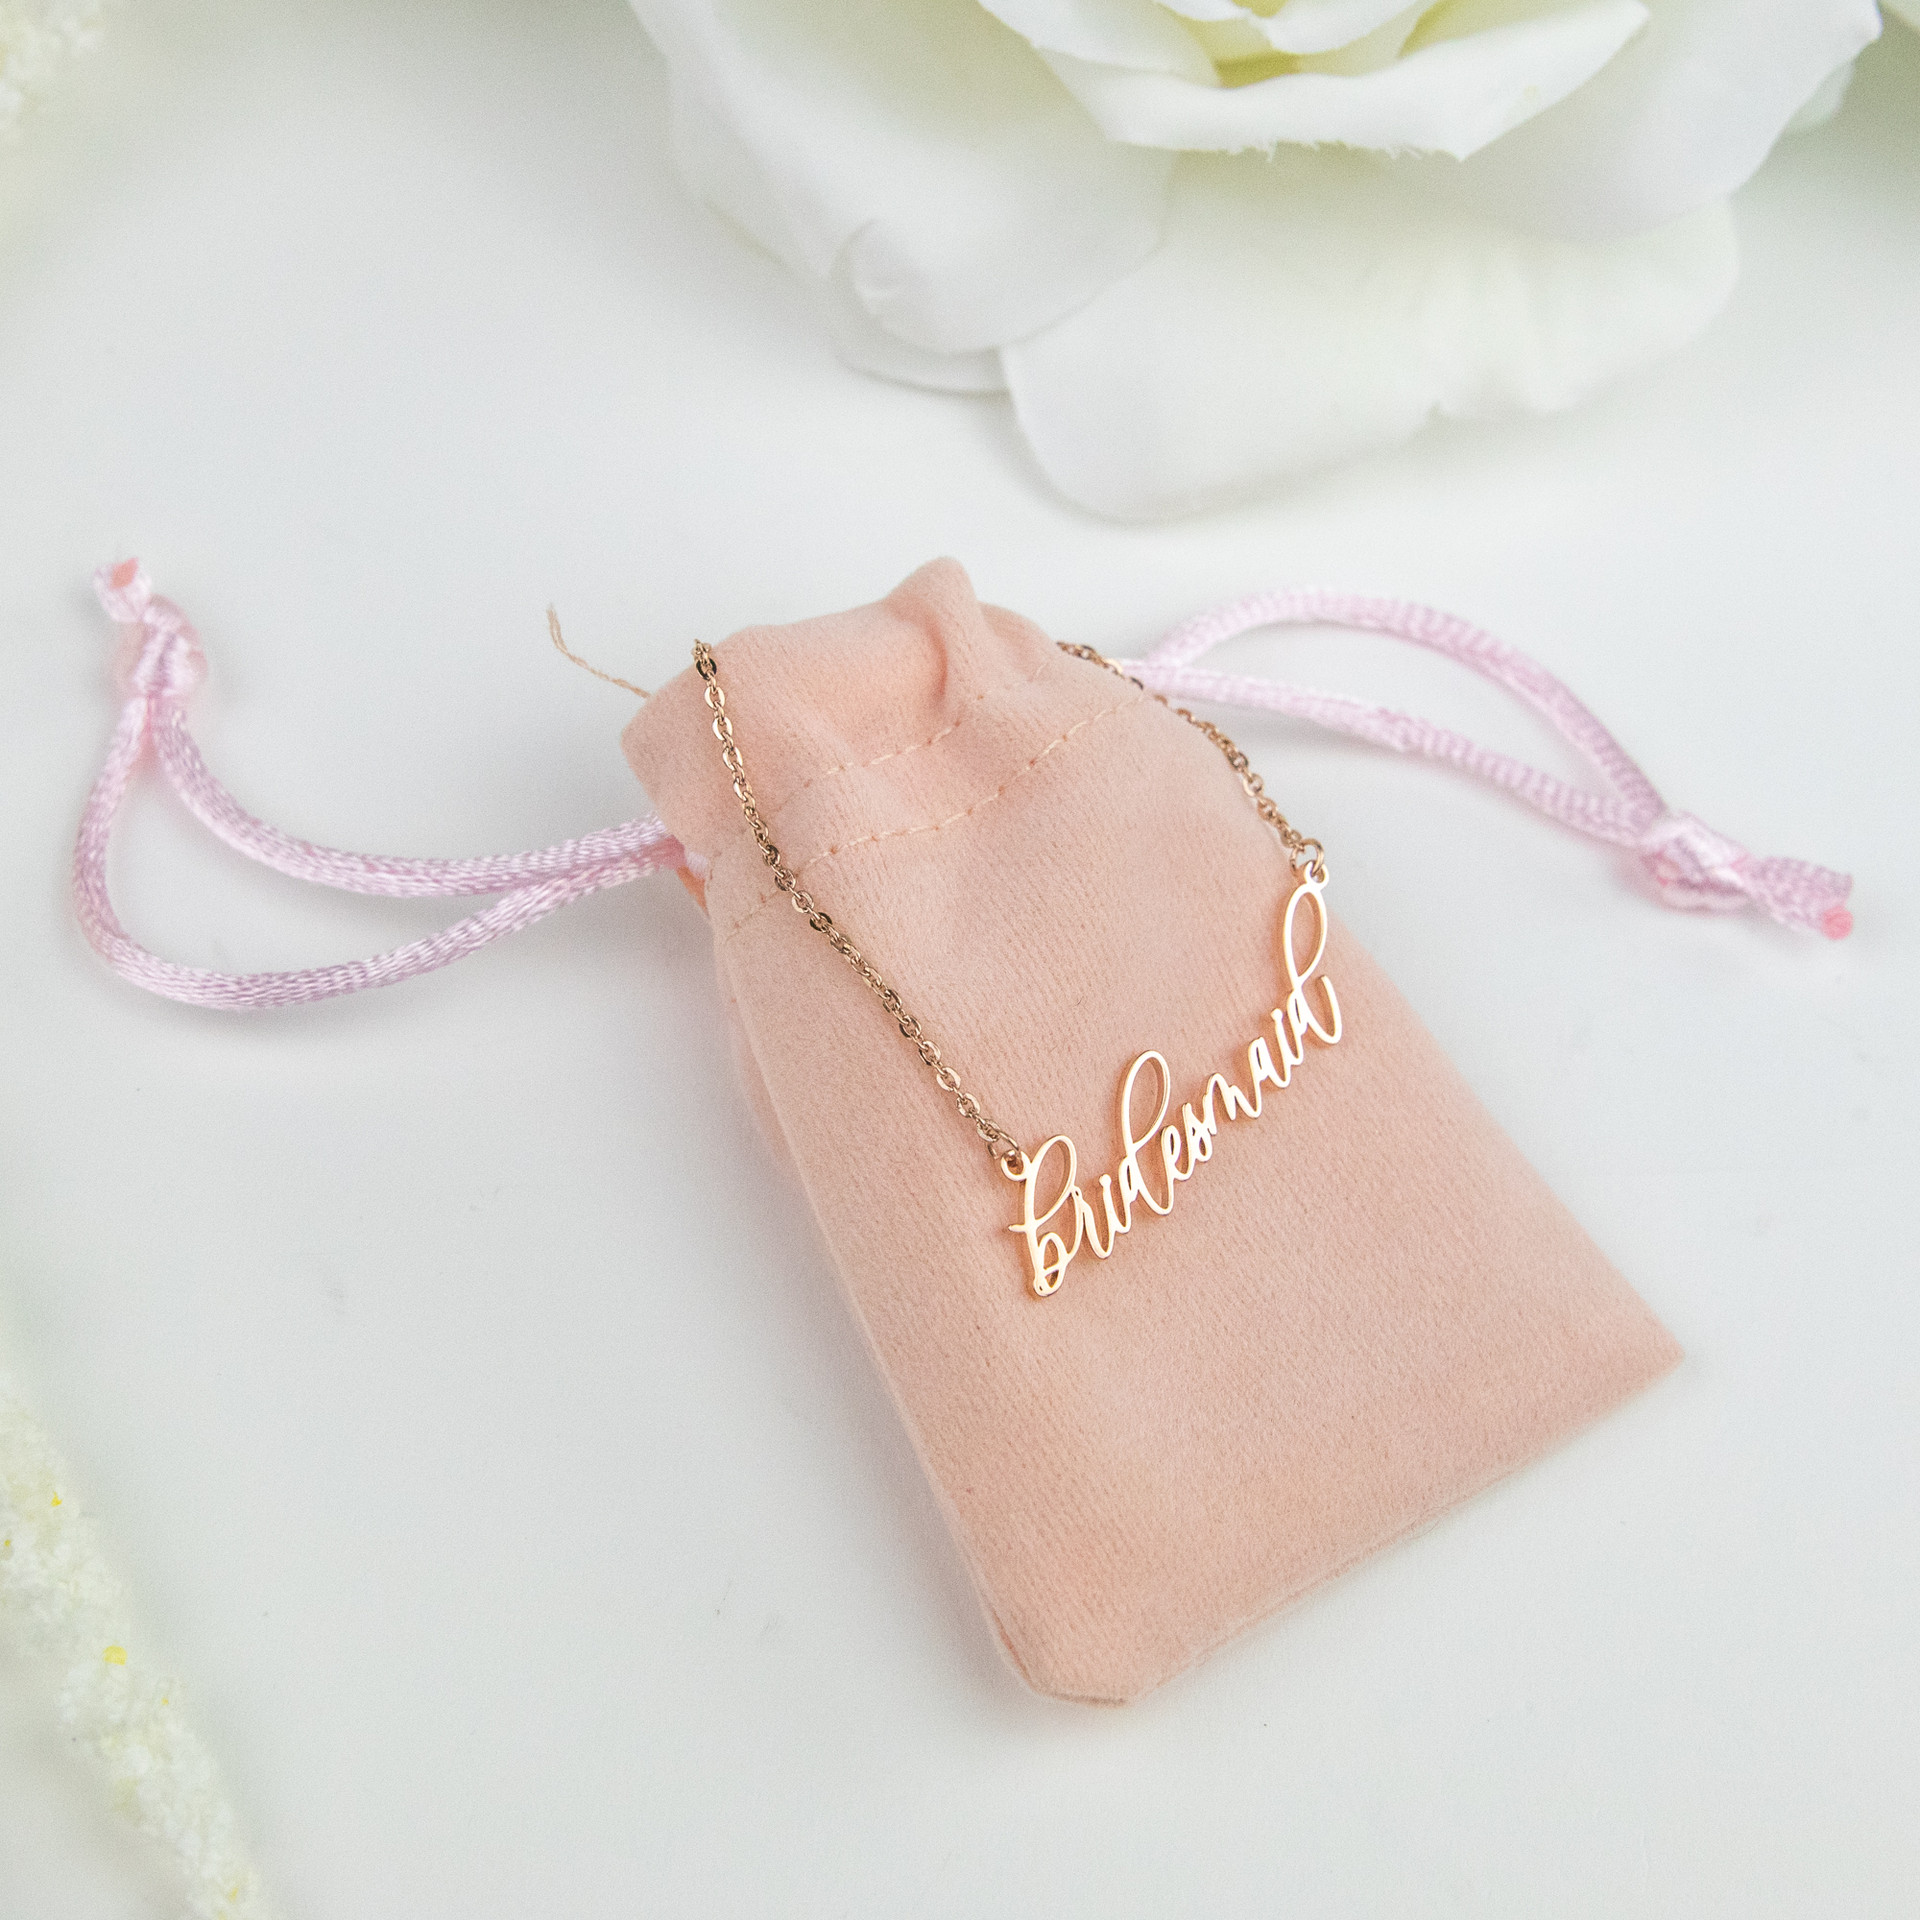 Bridal Party Necklace - Bridesmaid